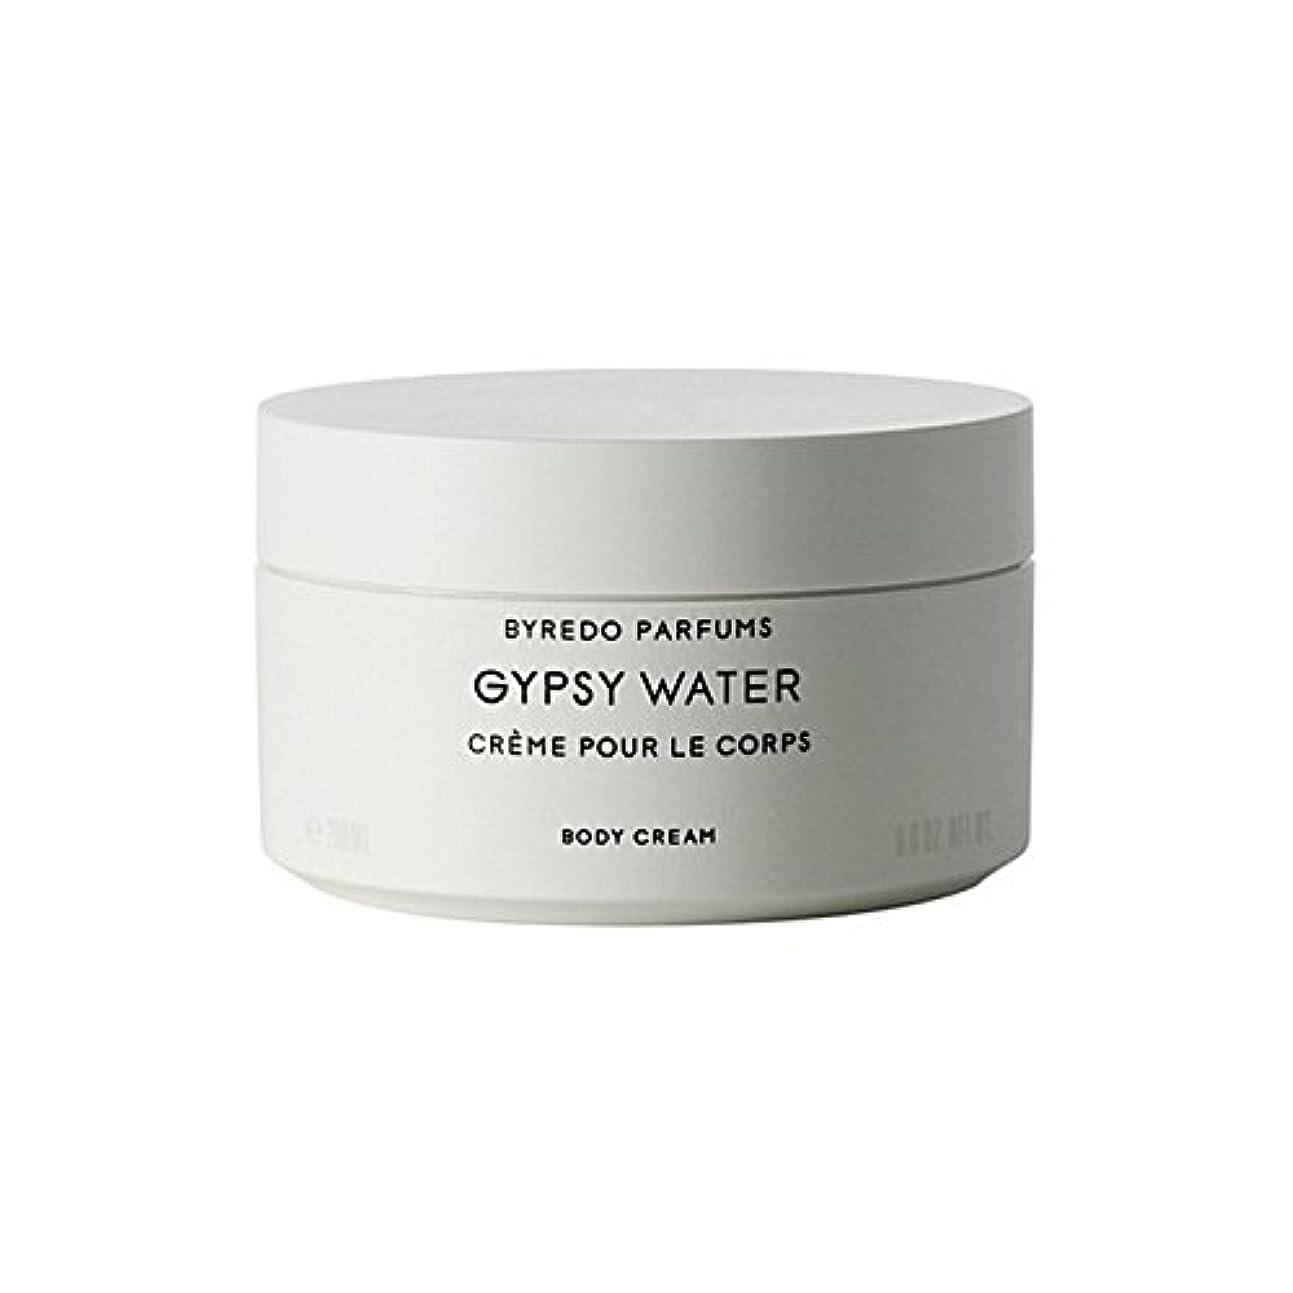 驚き過去嵐が丘ジプシー水ボディクリーム200ミリリットル x4 - Byredo Gypsy Water Body Cream 200ml (Pack of 4) [並行輸入品]